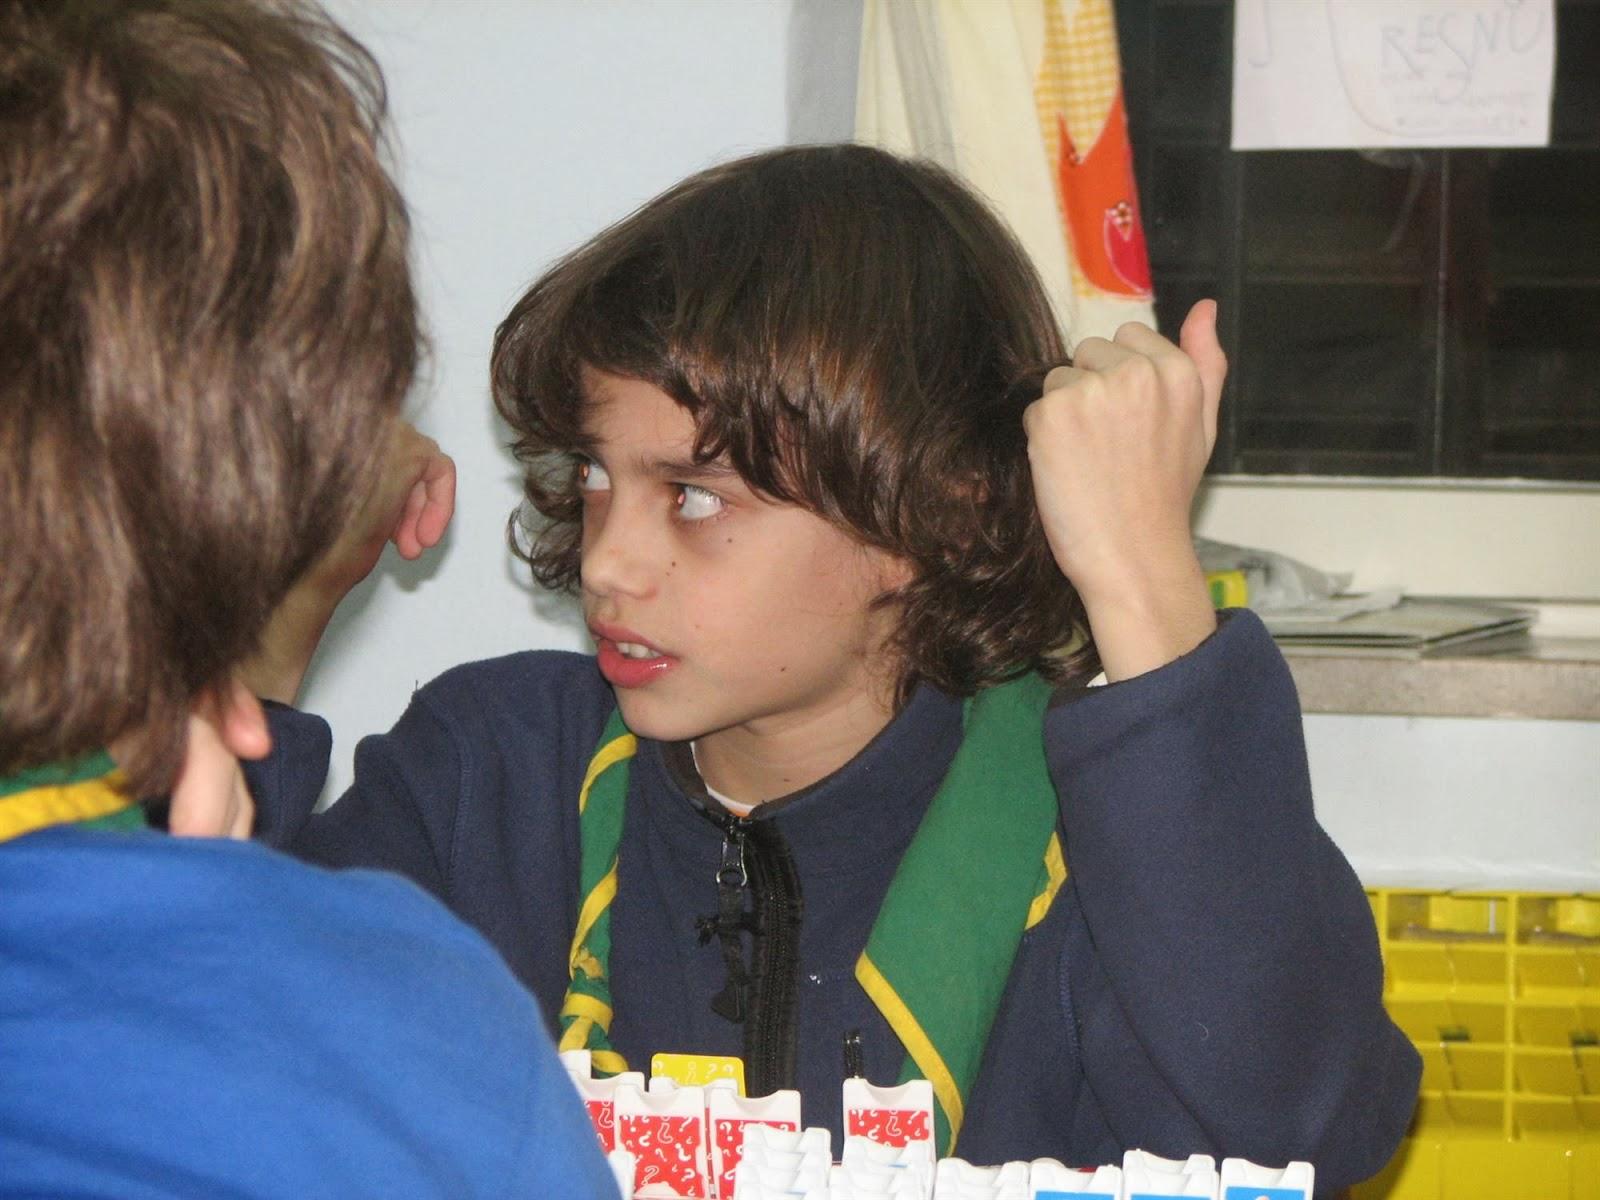 Večer družabnih iger, Ilirska Bistrica 2006 - vecer%2Bdruzabnih%2Biger%2B06%2B033.jpg